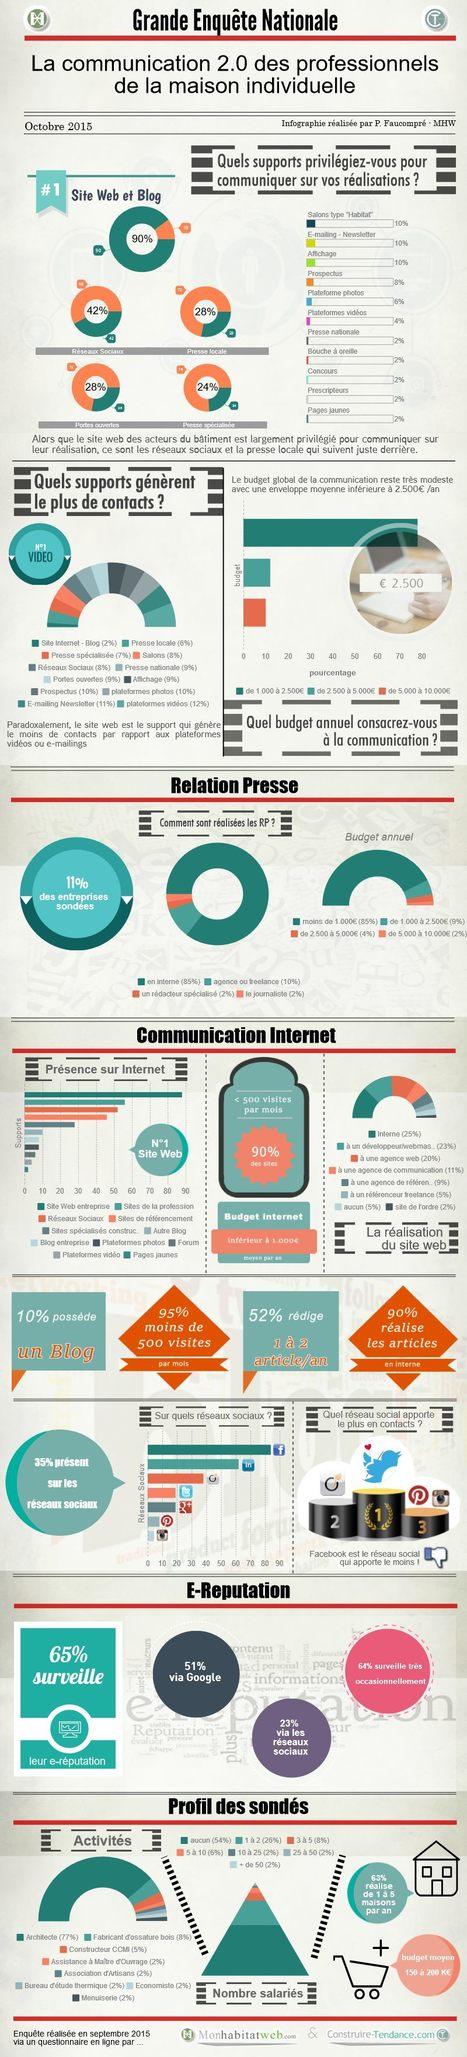 Enquête Nationale sur la Communication des Acteurs de la Construction Individuelle : les Résultats | Social Media Curation par Mon Habitat Web | Scoop.it